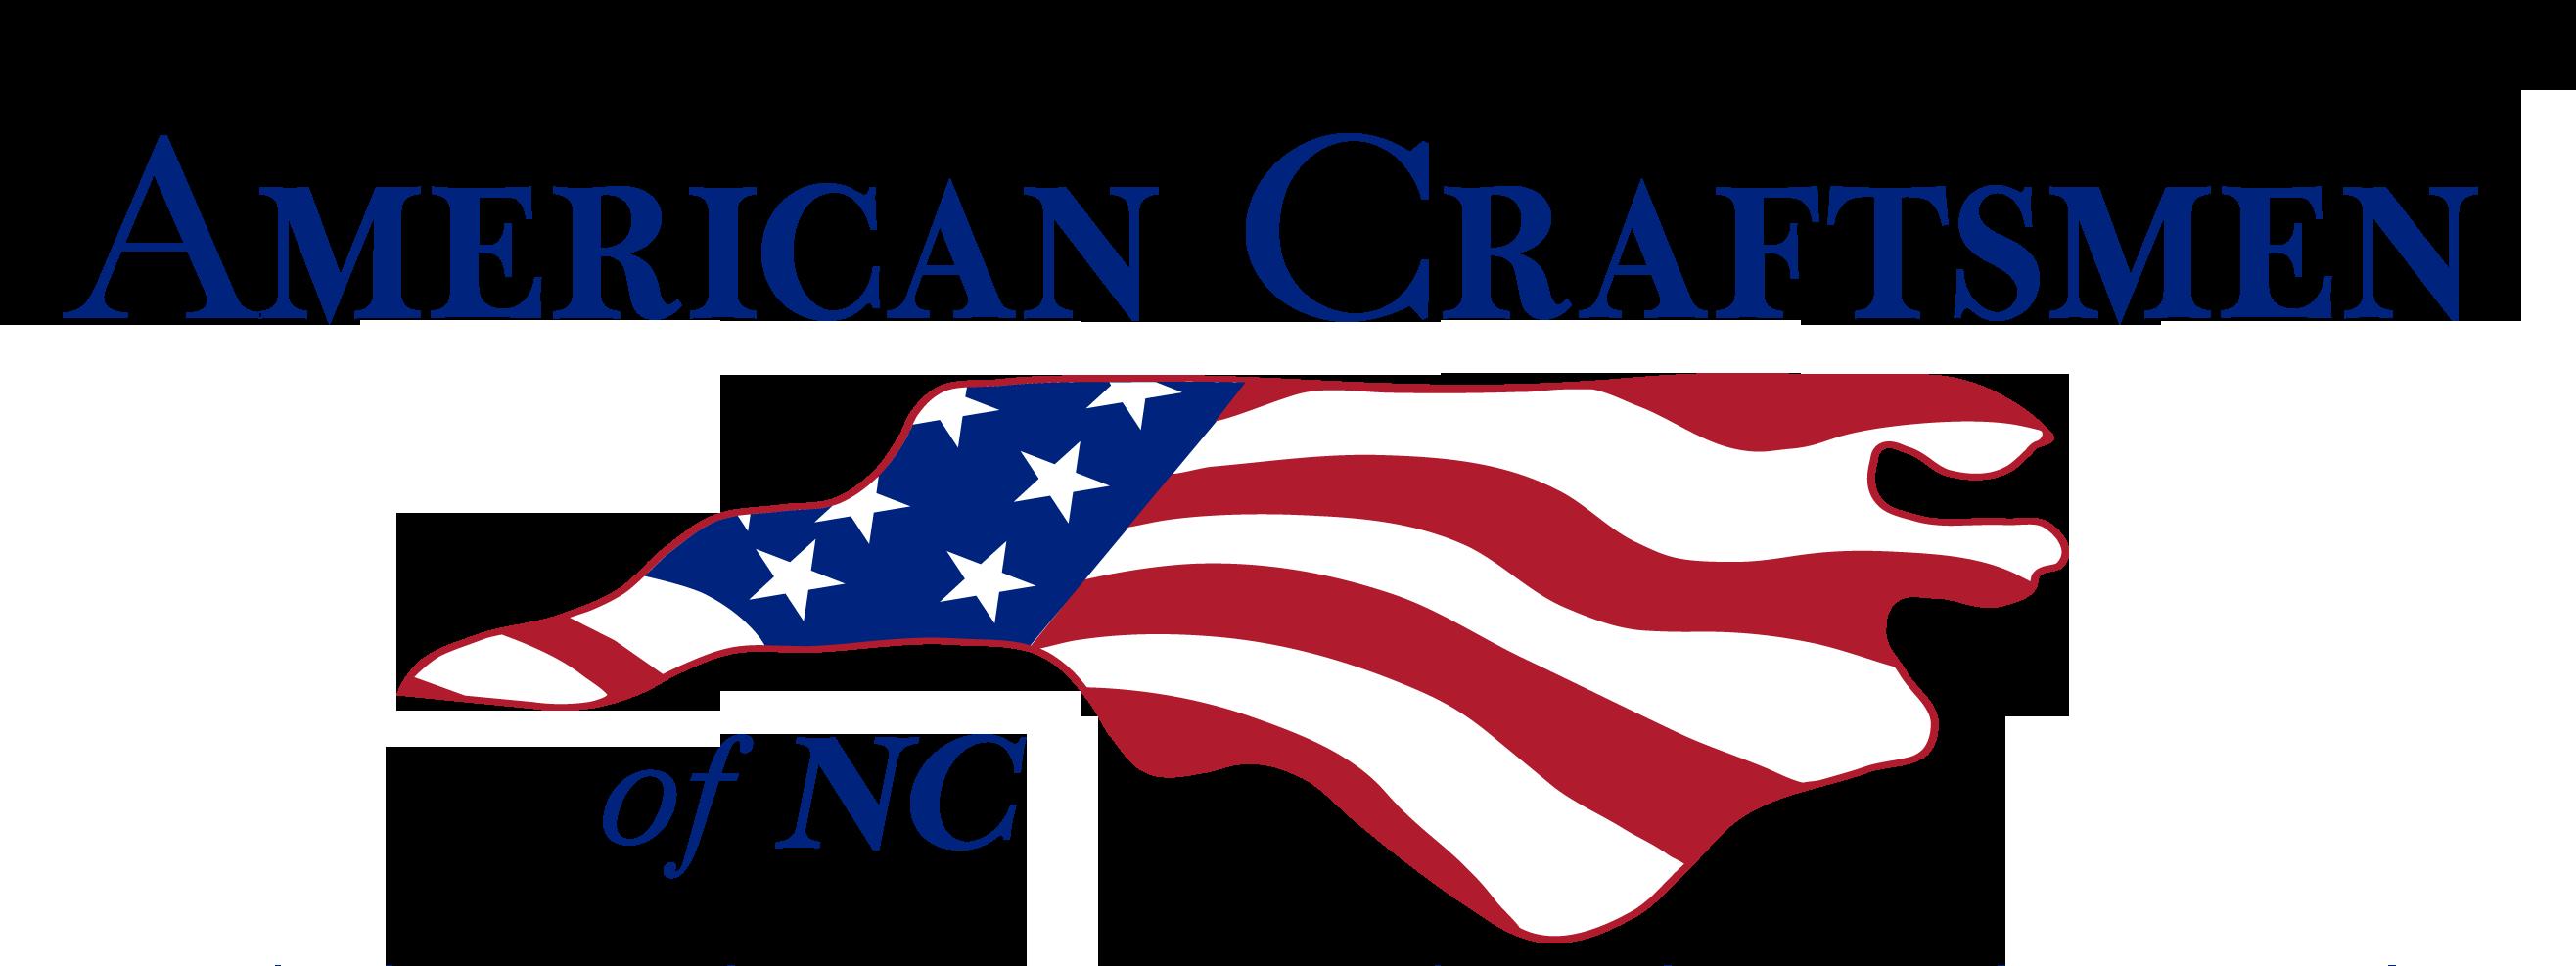 AMERICAN CRAFTSMEN OF N.C.